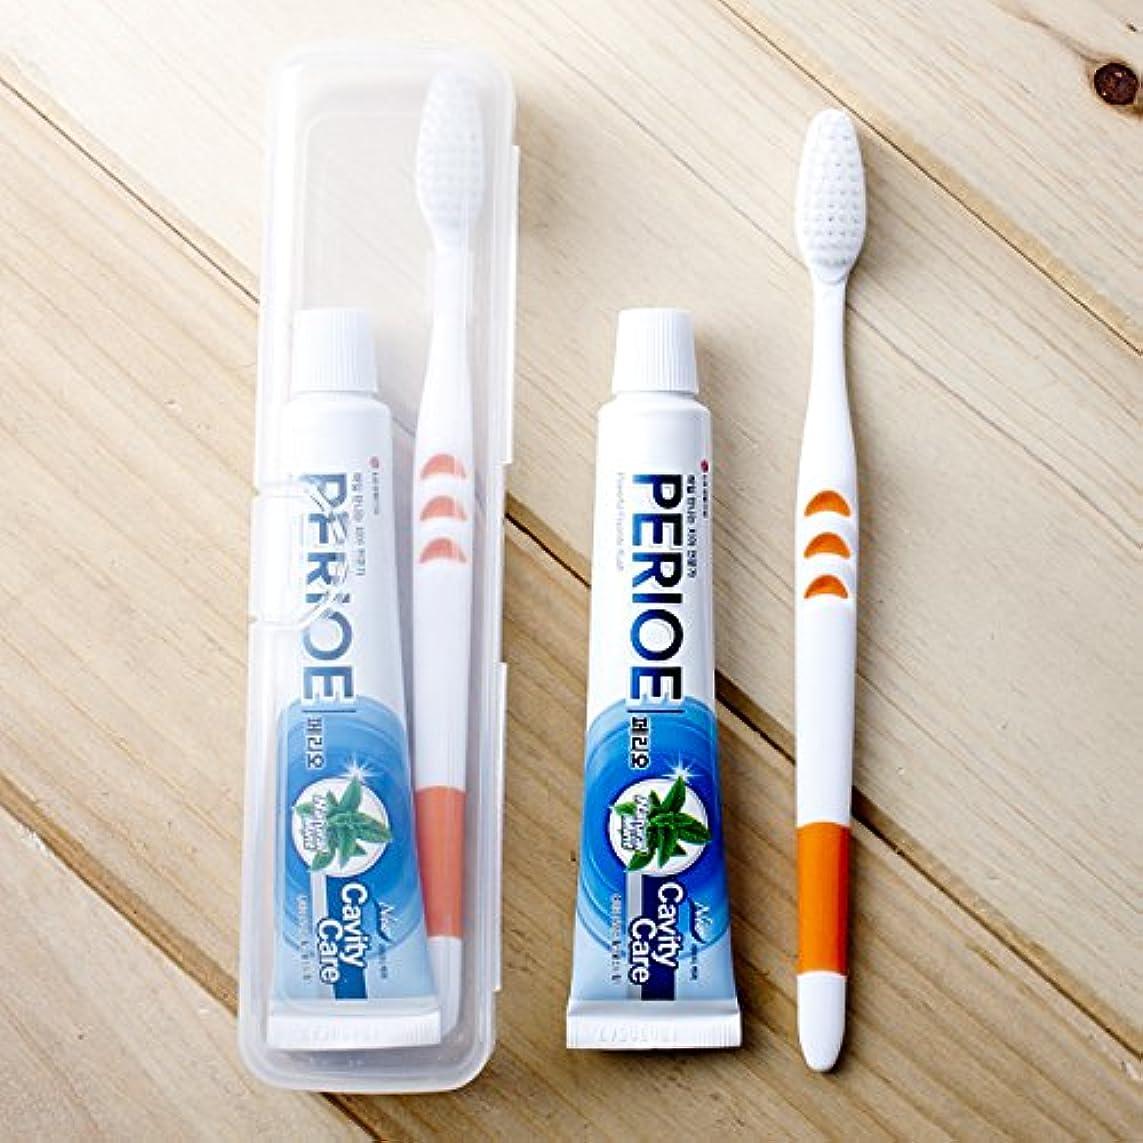 トロピカル私宝VBMDoM 旅行歯ブラシキットセット x 2個 韓国製品 [並行輸入品]